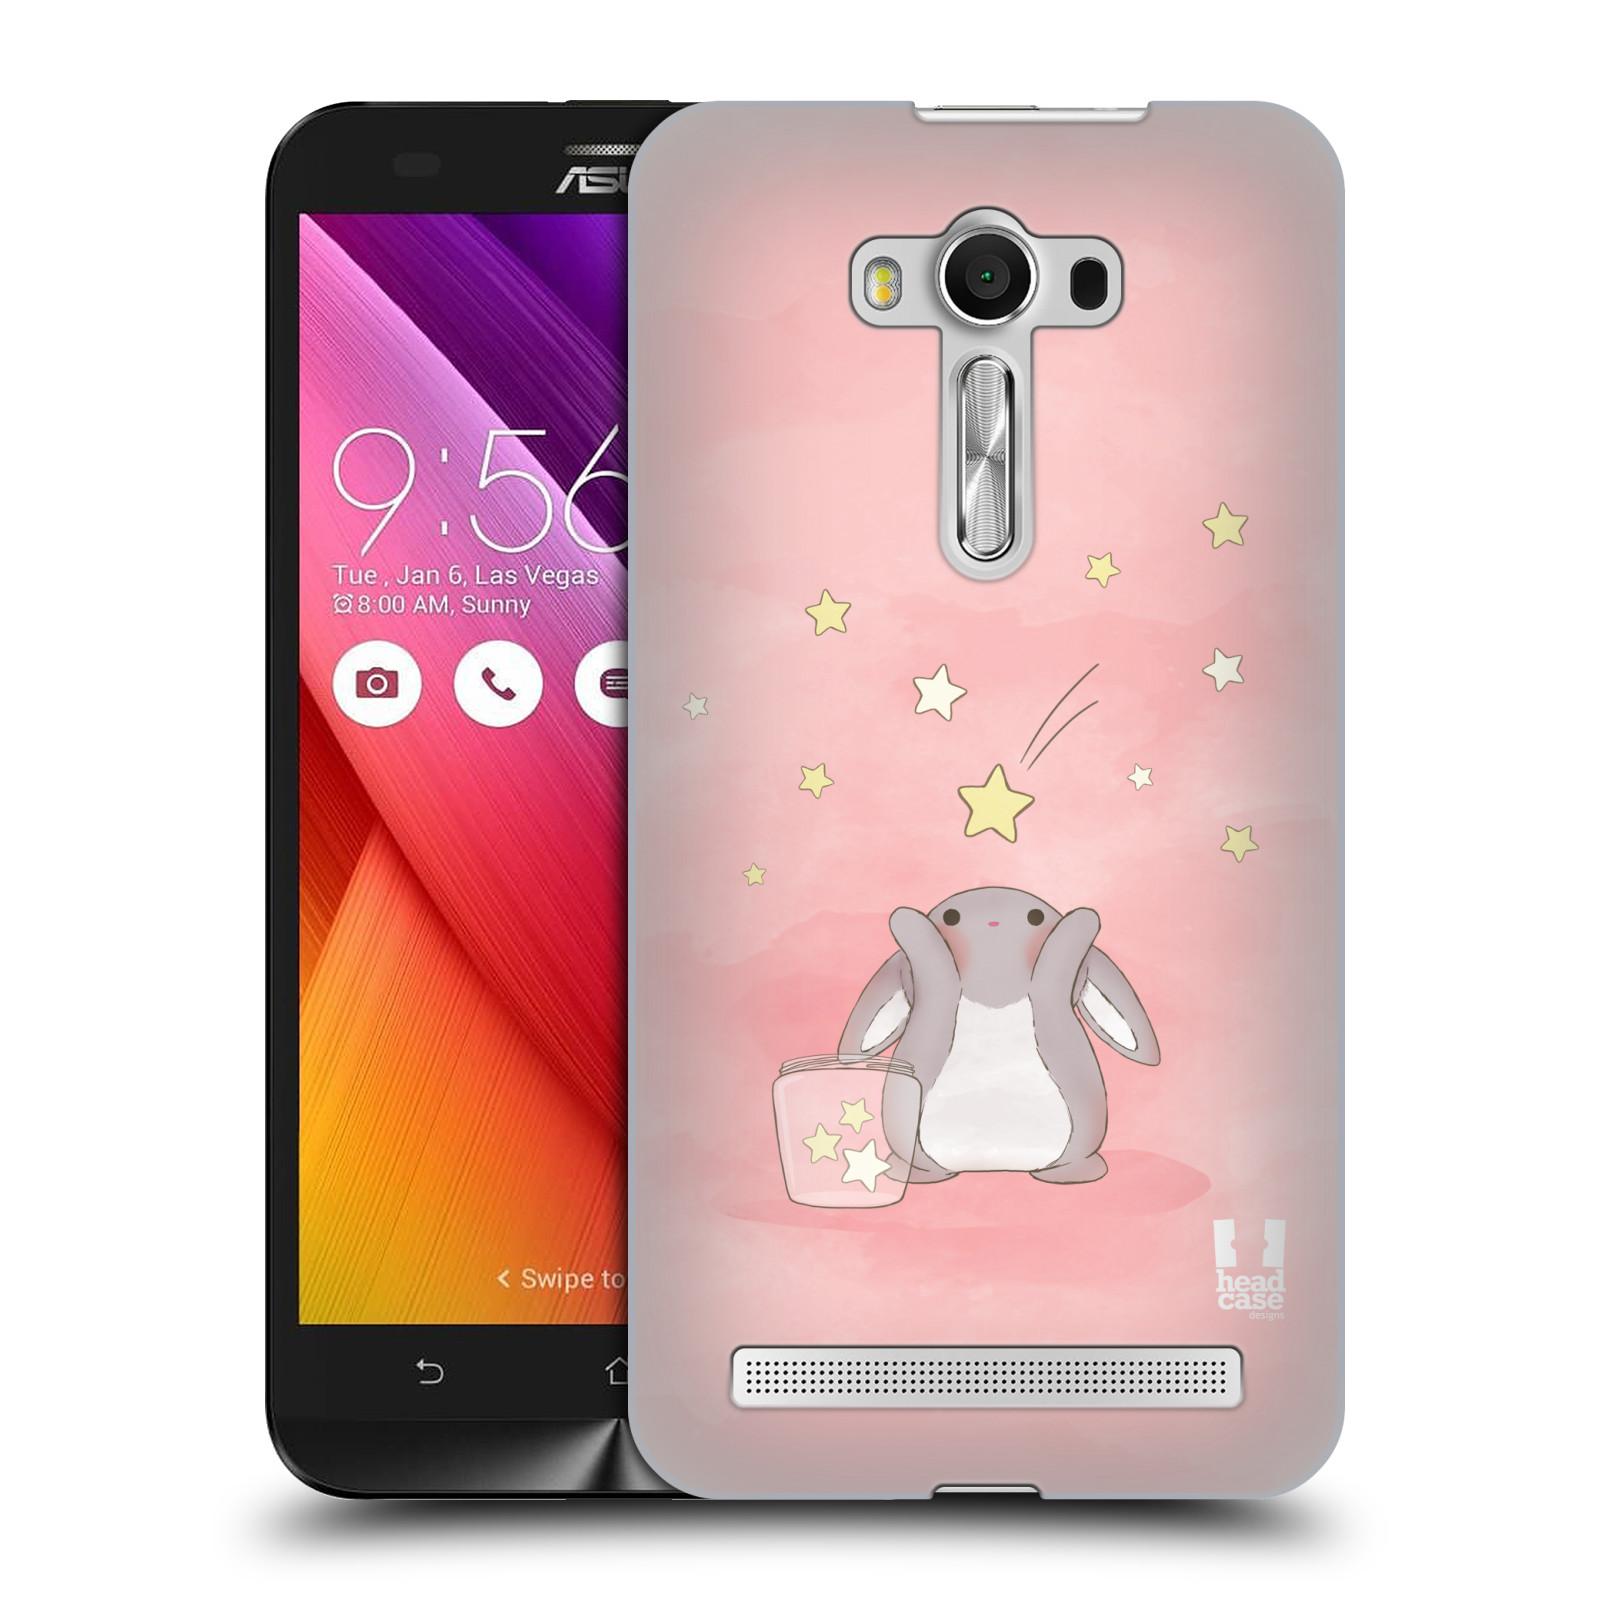 HEAD CASE plastový obal na mobil Asus Zenfone 2 LASER (5,5 displej ZE550KL) vzor králíček a hvězdy růžová